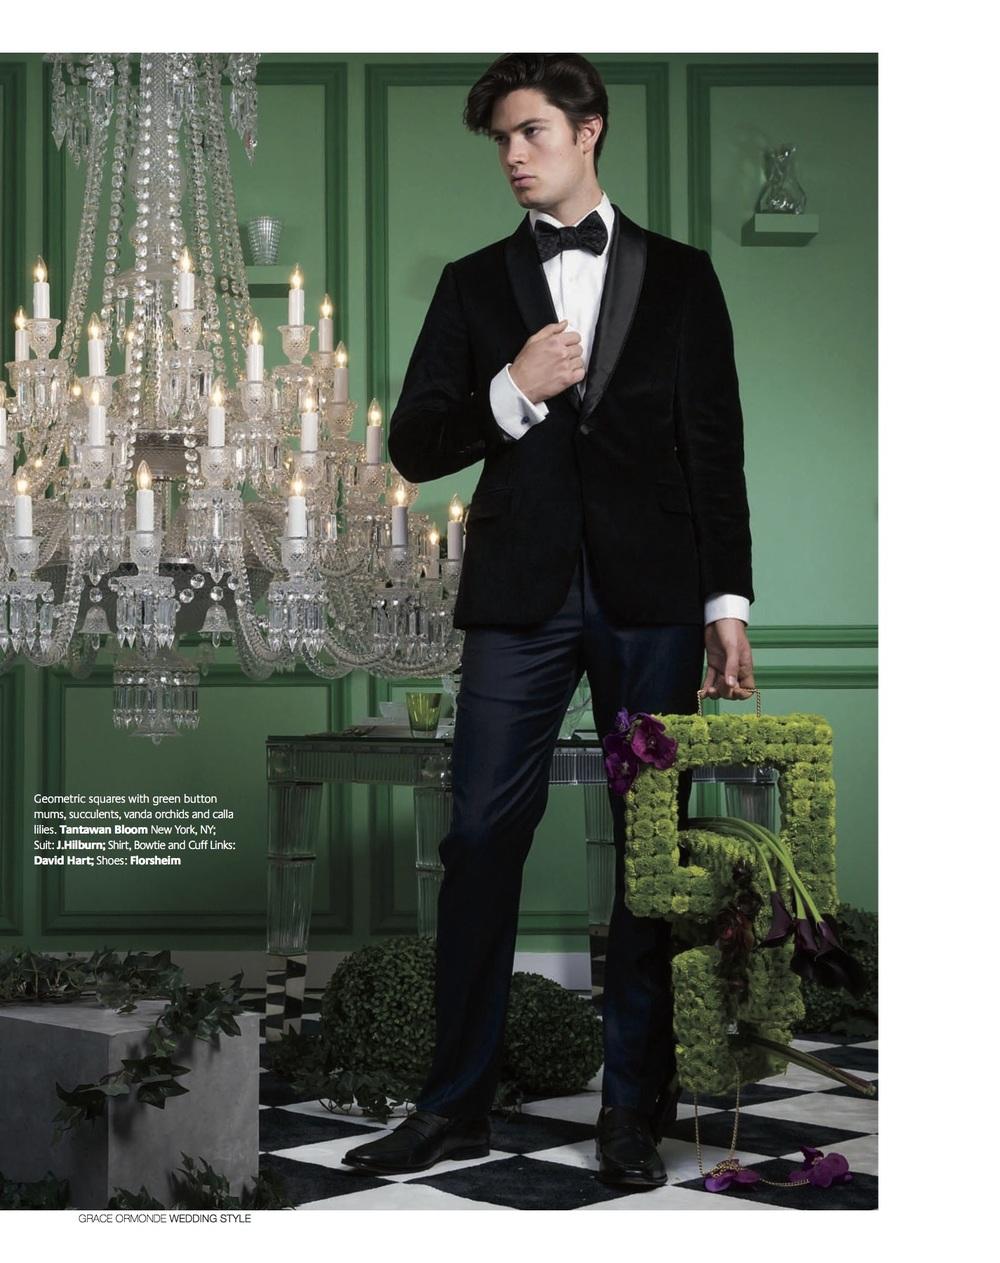 Grace-Ormonde-Wedding-Style-Magazine-2016-fashion-photography-4eyes-photography-3.jpg